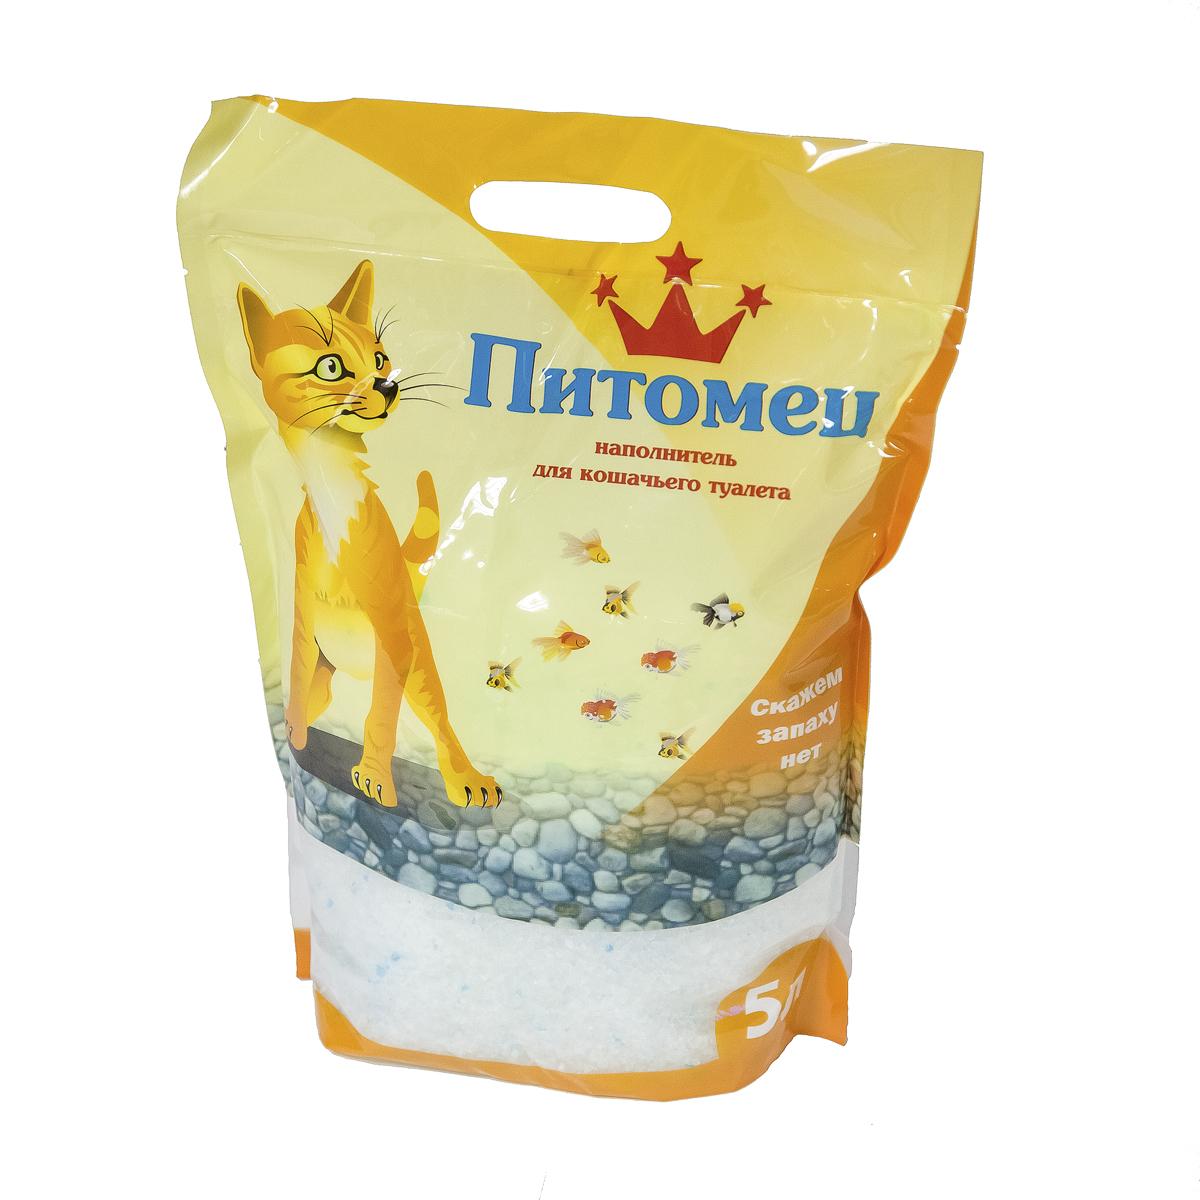 """Наполнитель для кошачьего туалета """"Питомец"""", силикагелевый, 5 л 00000000002"""